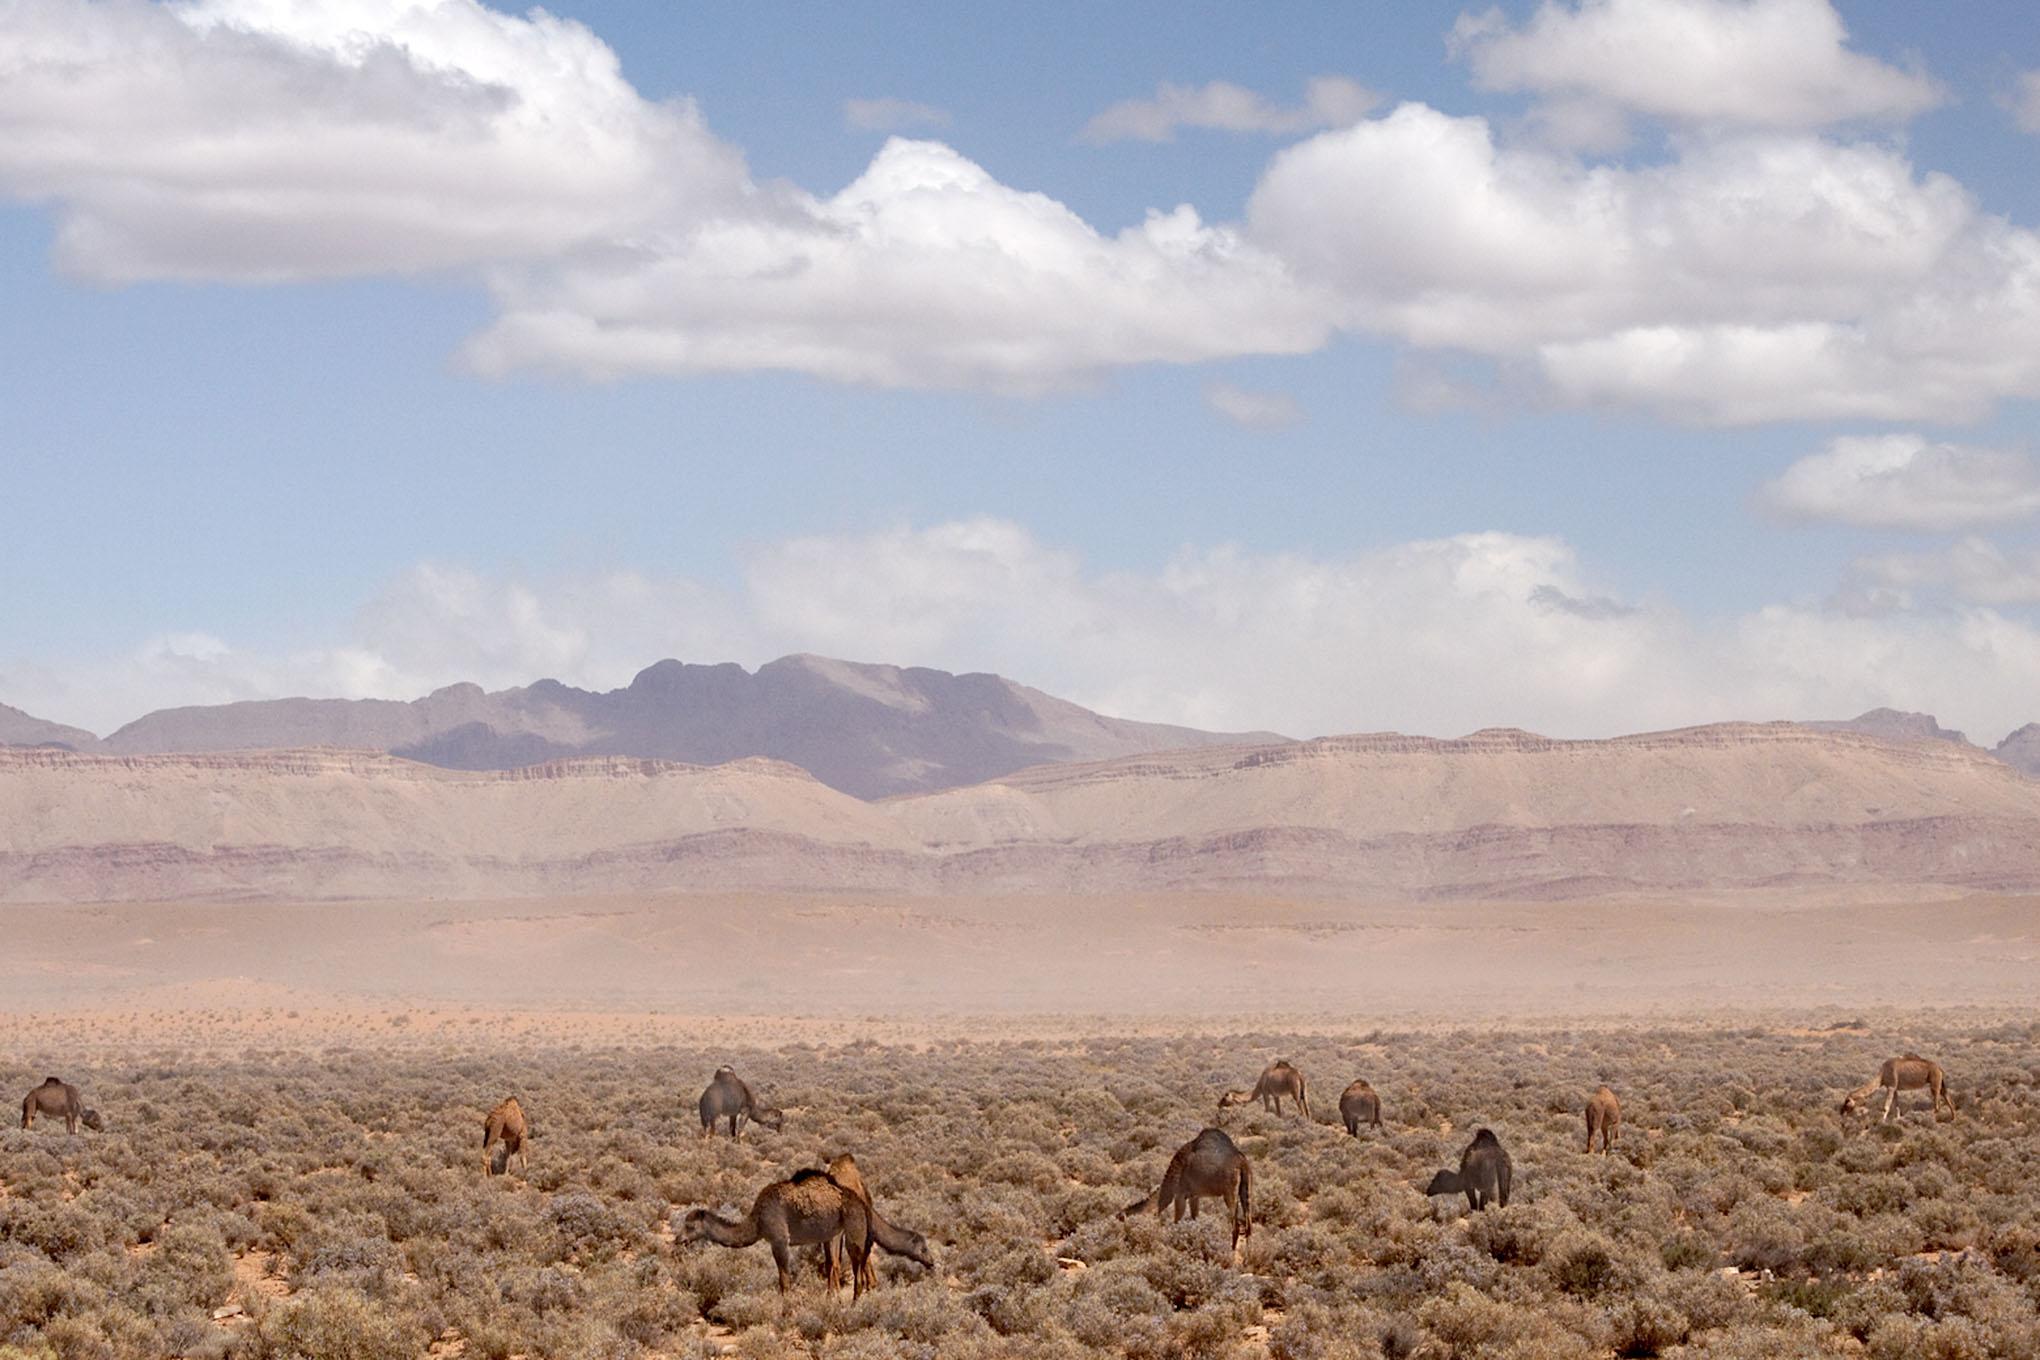 Camels - 1